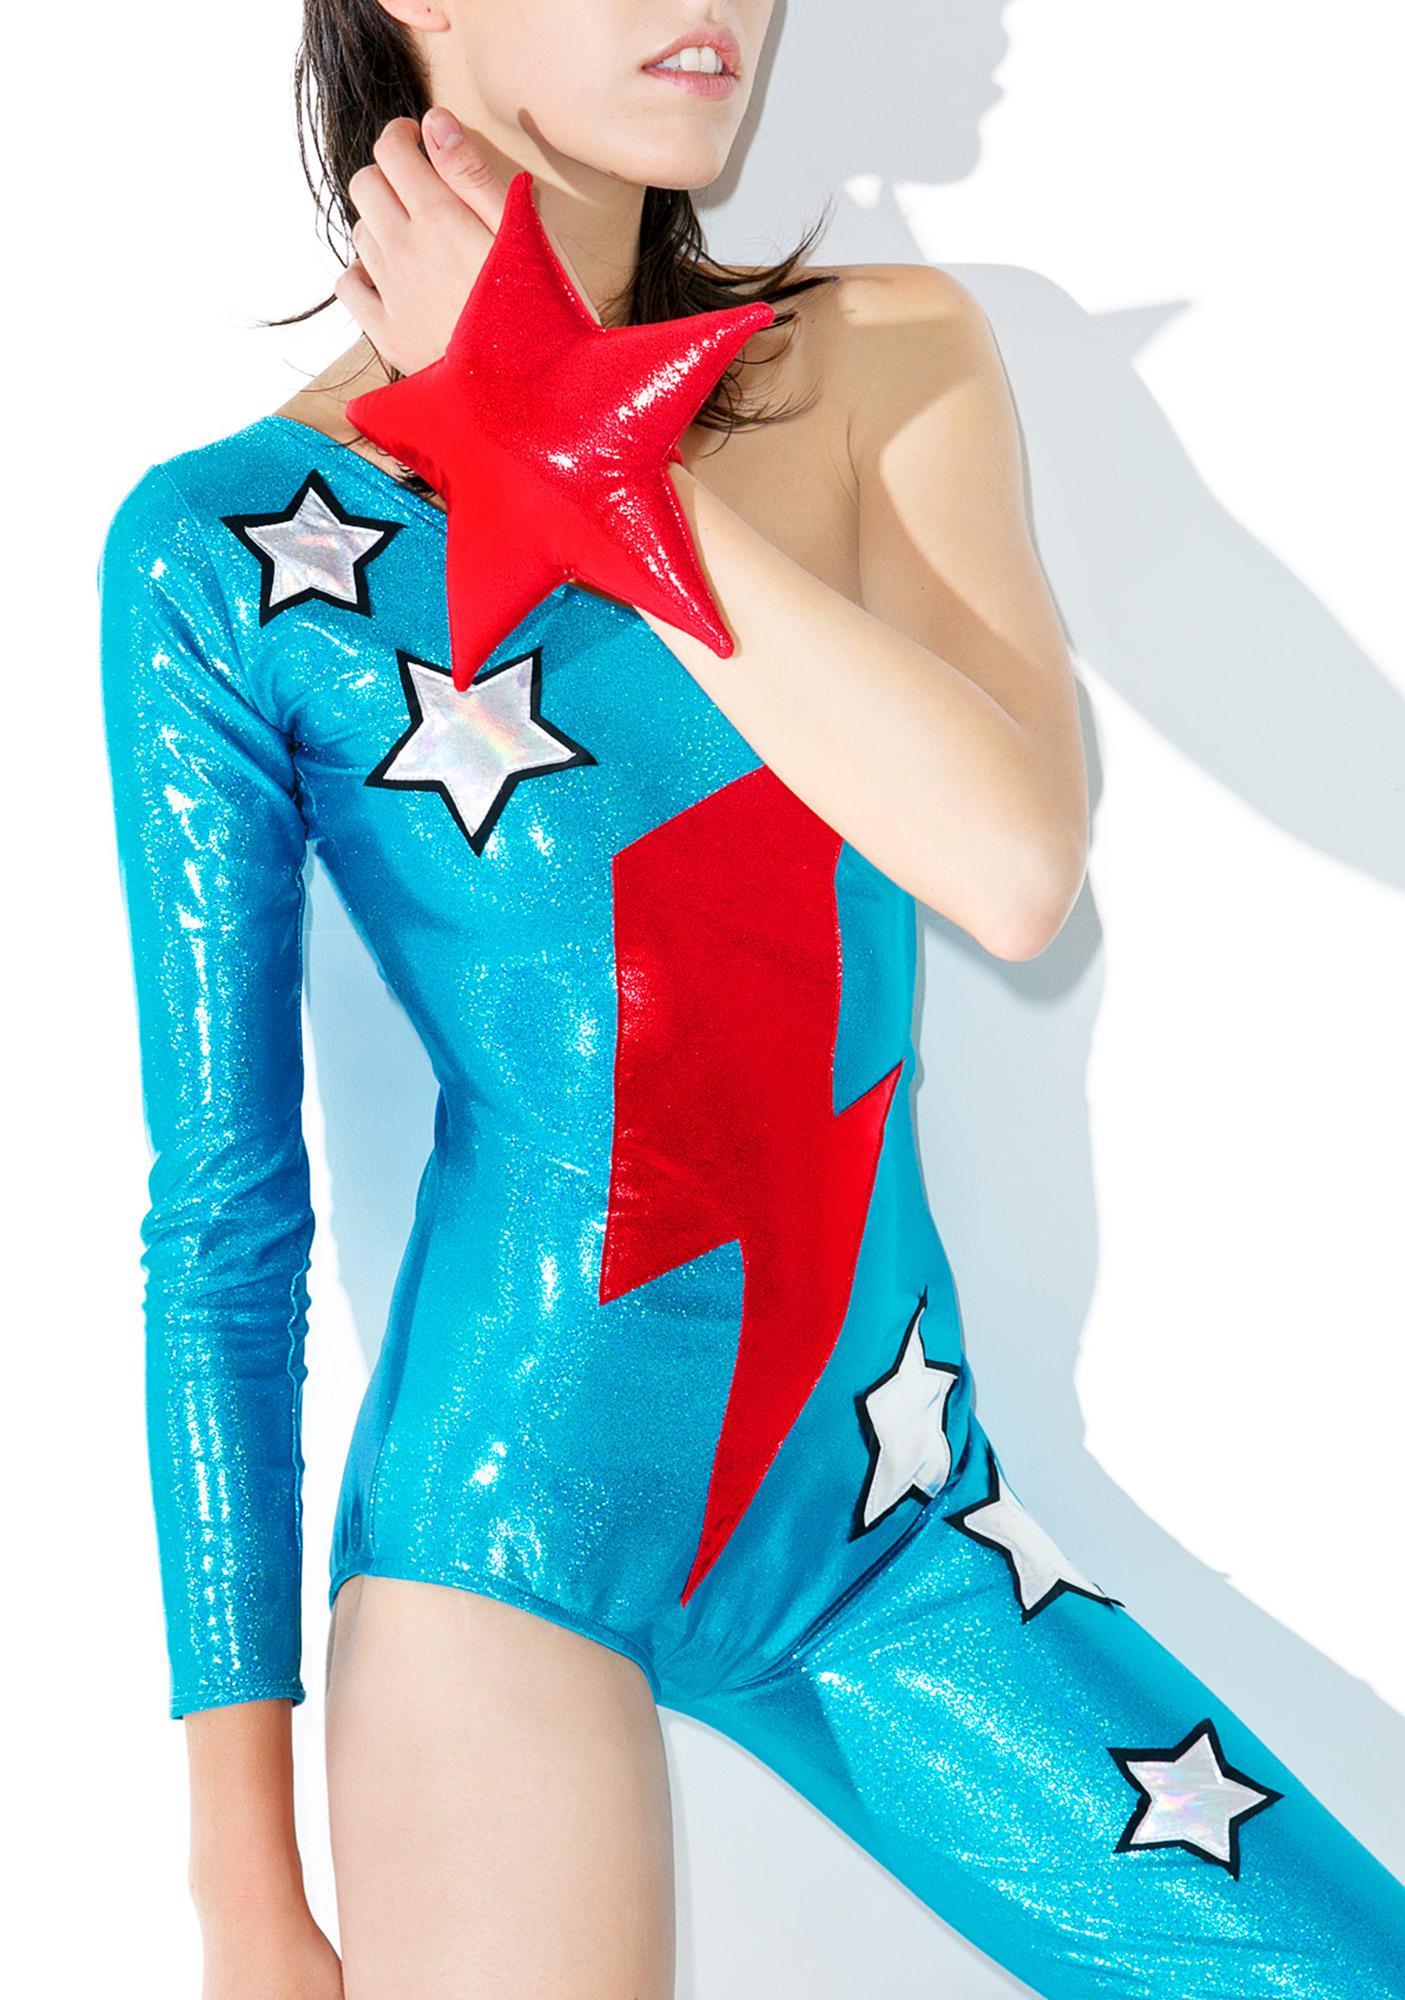 J Valentine Ziggy Stardust Costume